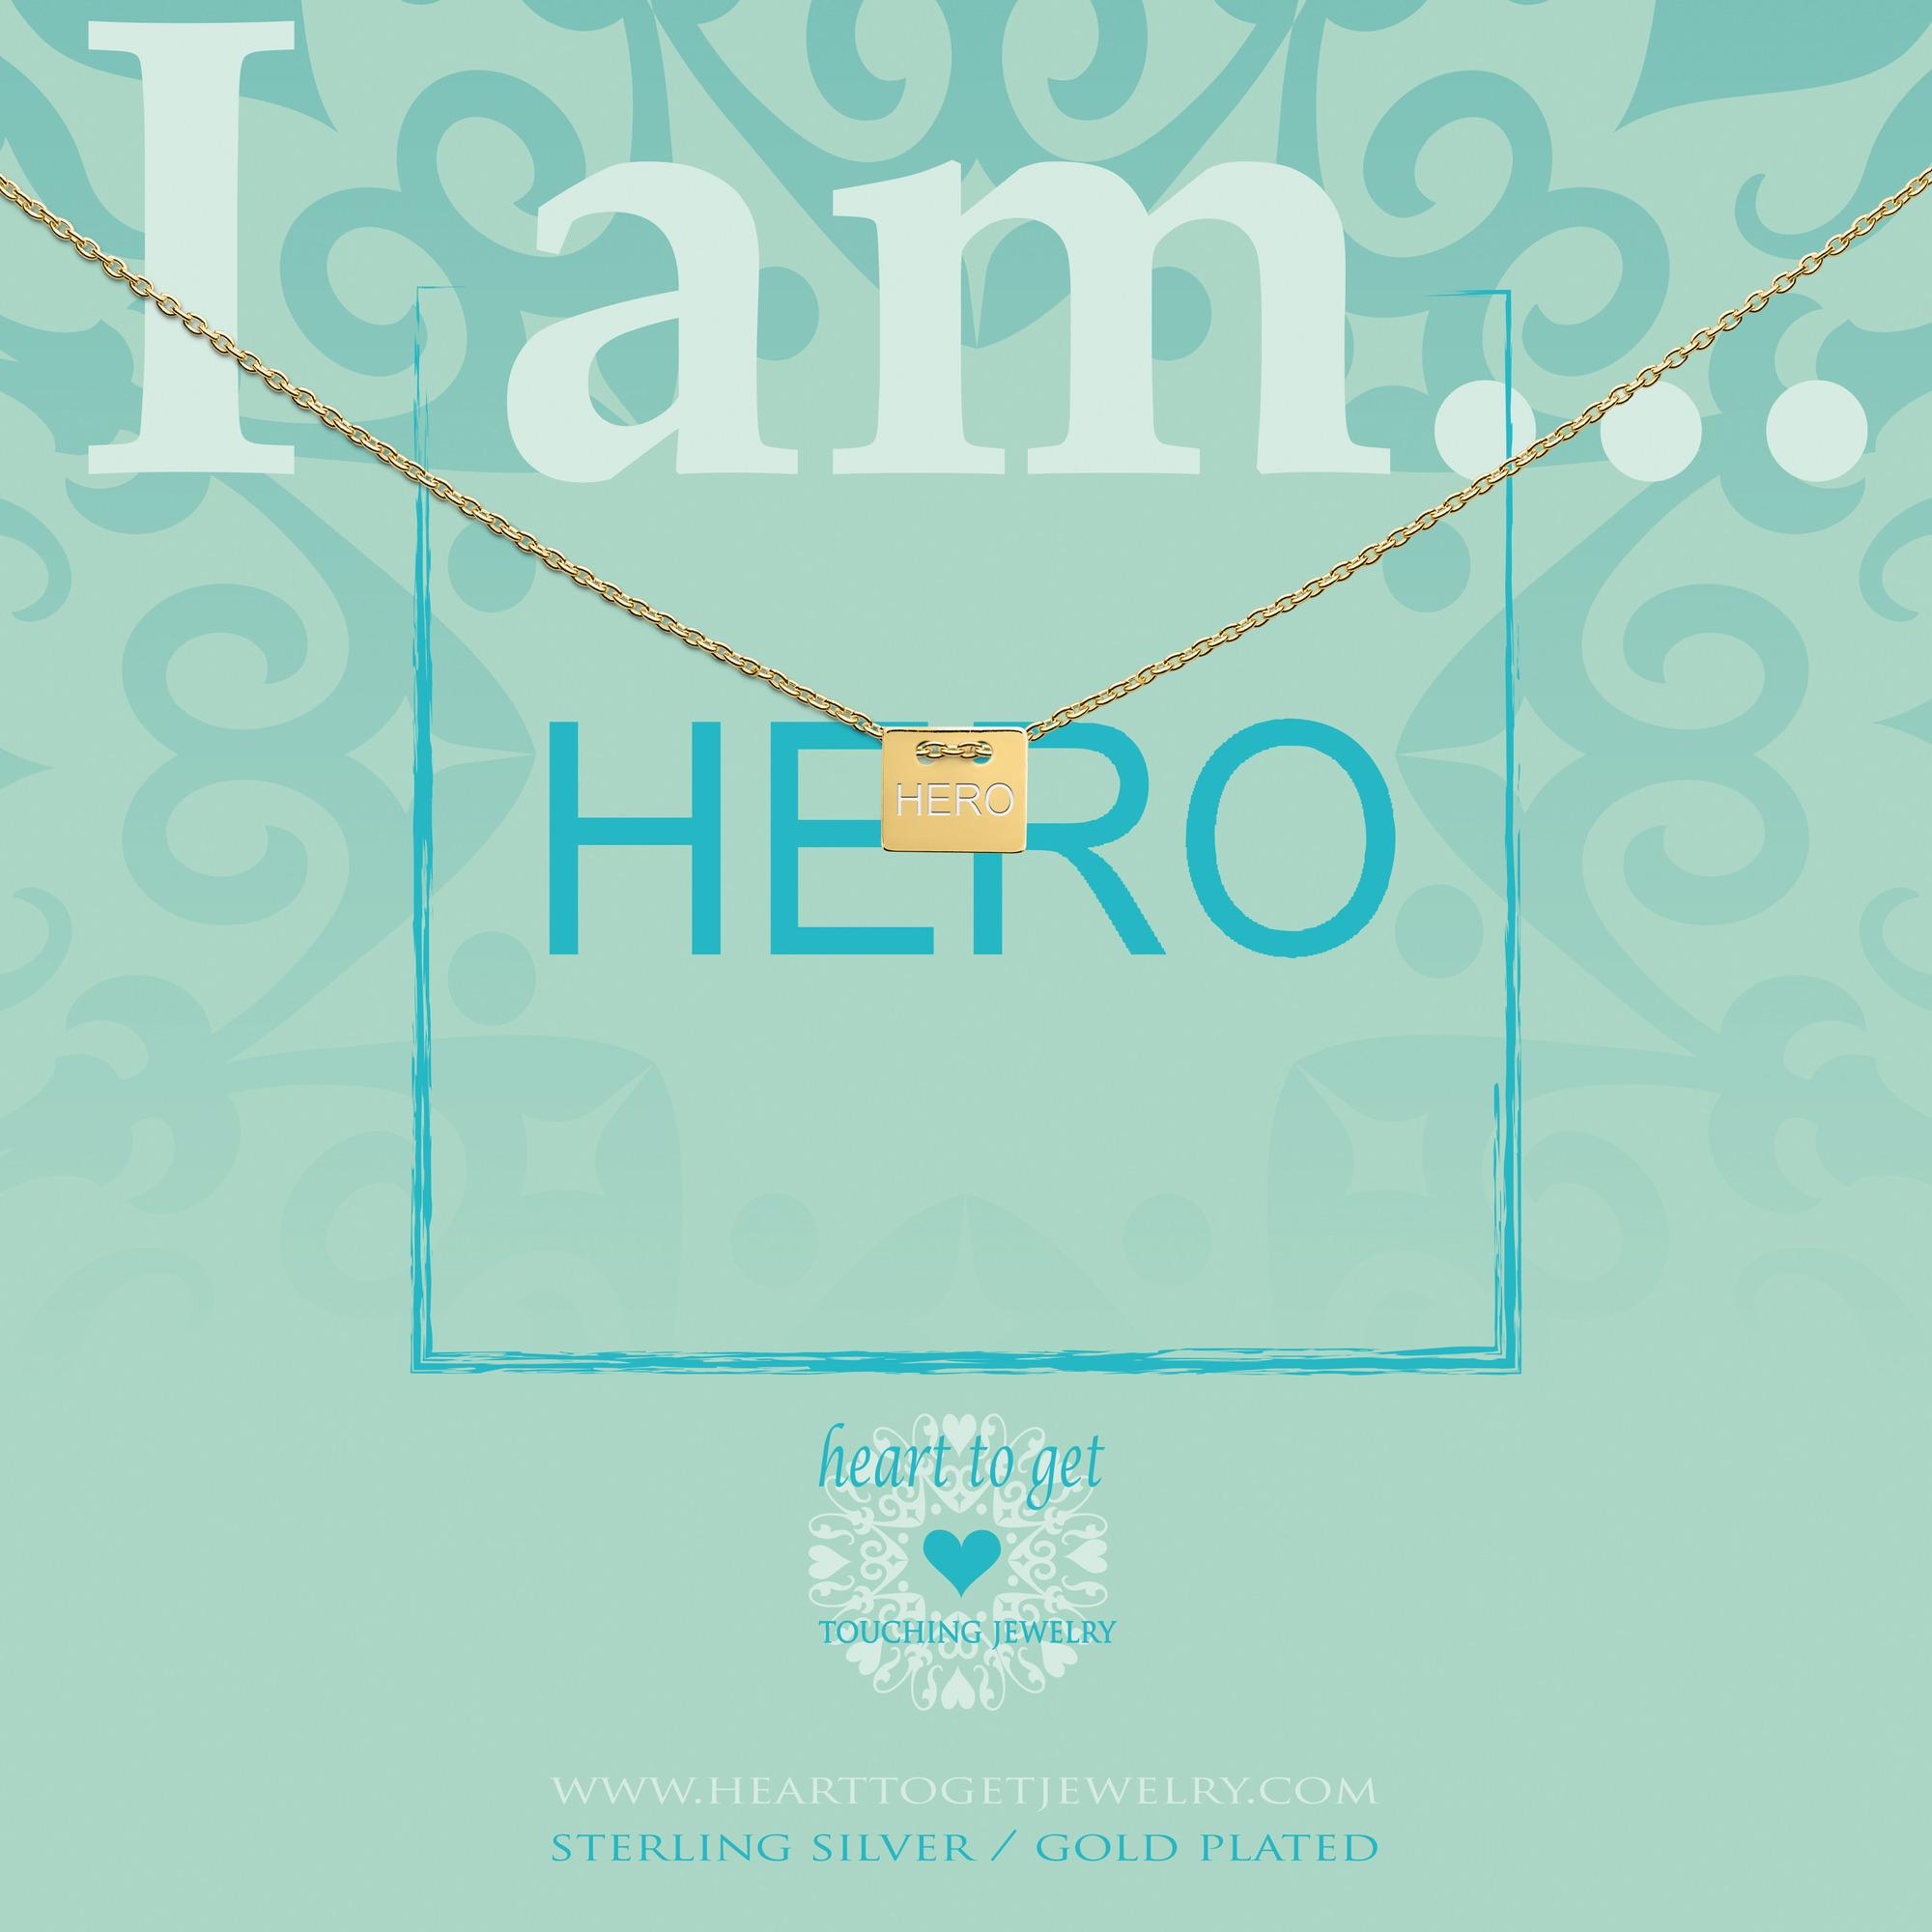 Heart to Get IAM415N-HERO-G Ketting Hero zilver goudkleurig